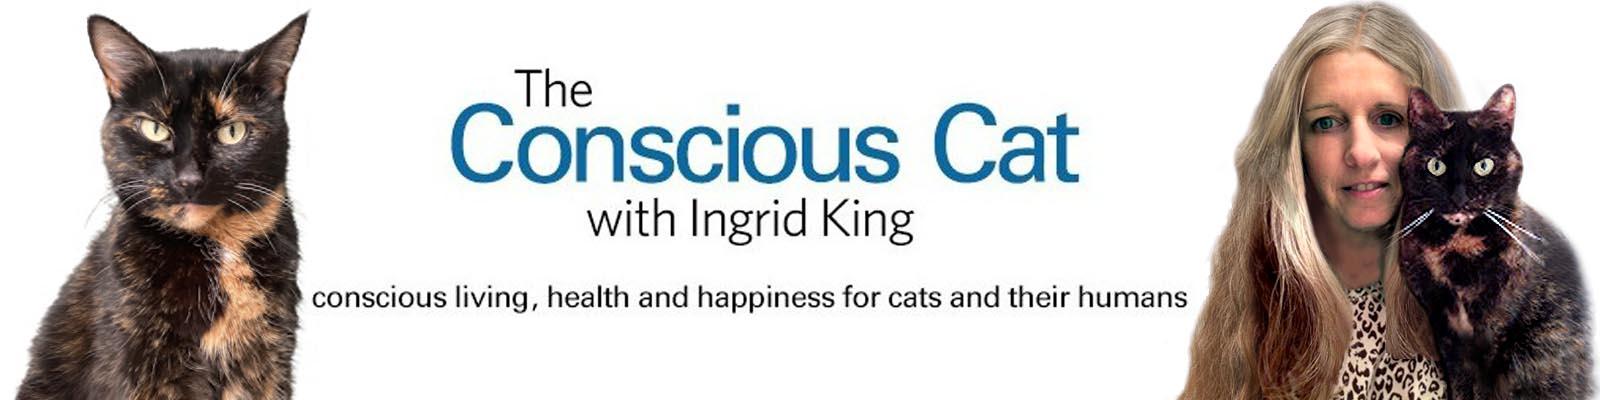 The Conscious Cat